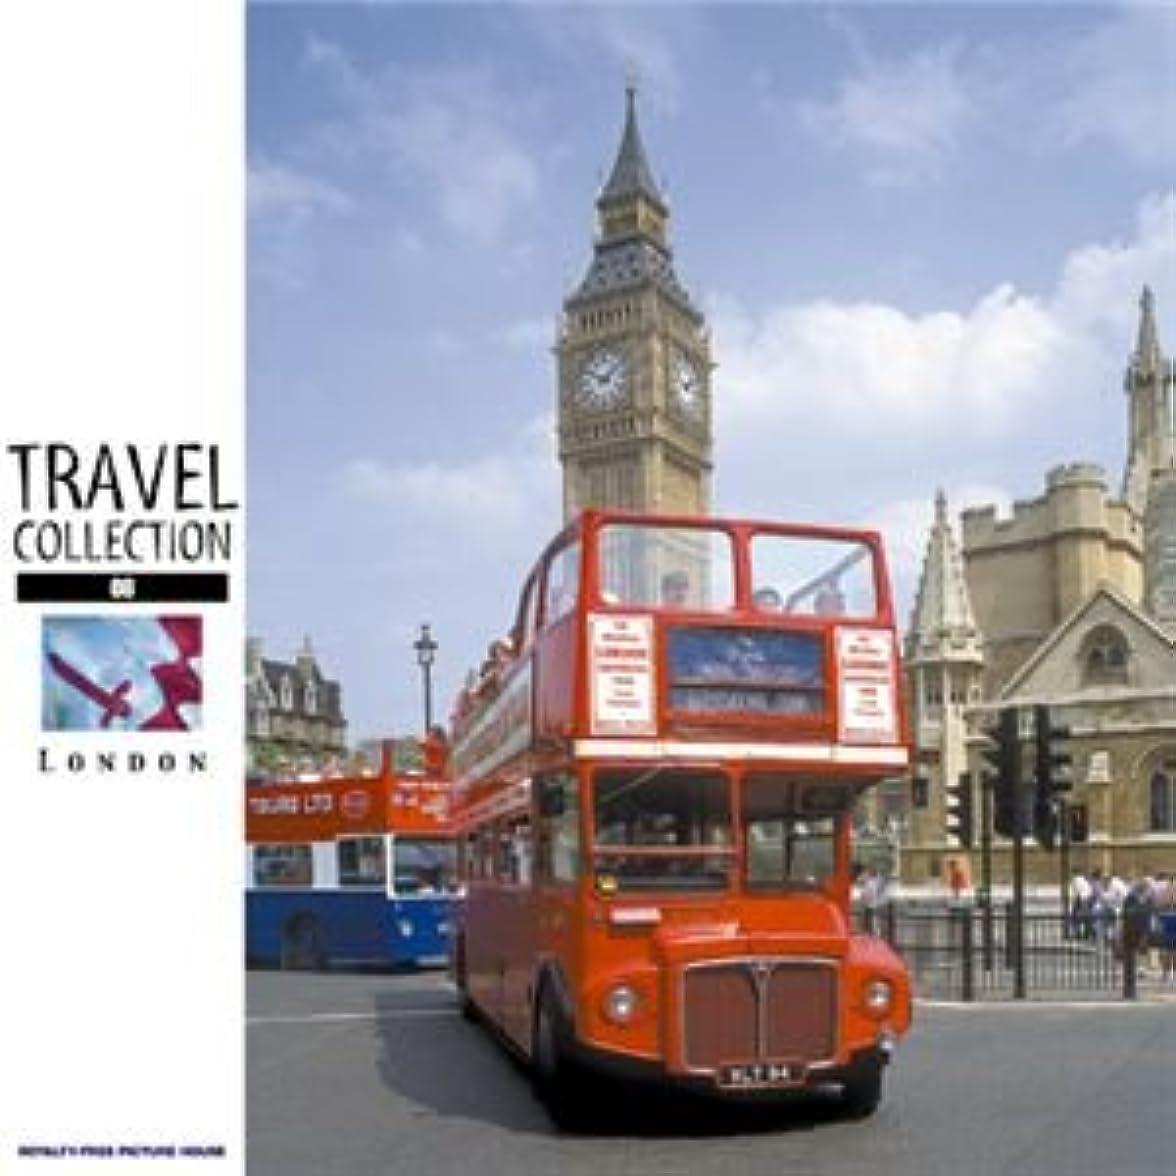 悪党マトリックス通訳写真素材 Travel Collection Vol.008 ロンドン London ds-67850